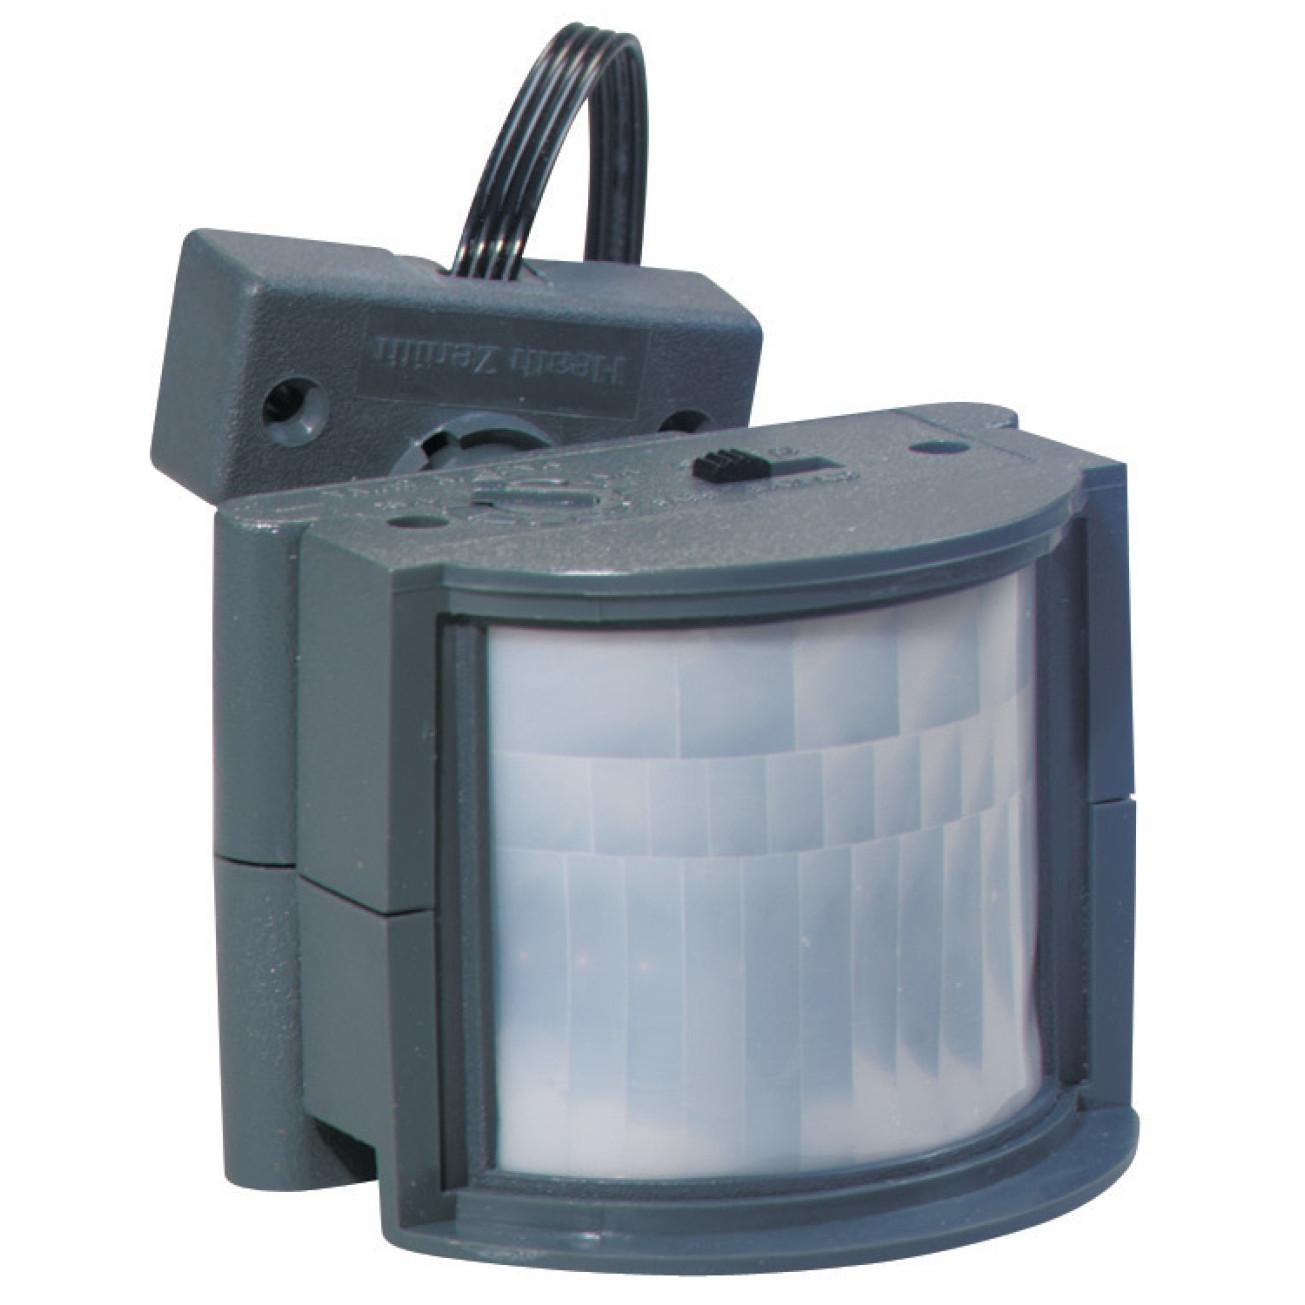 Best ideas about Motion Sensor Porch Light . Save or Pin Add Motion Sensor To Existing Porch Light Now.